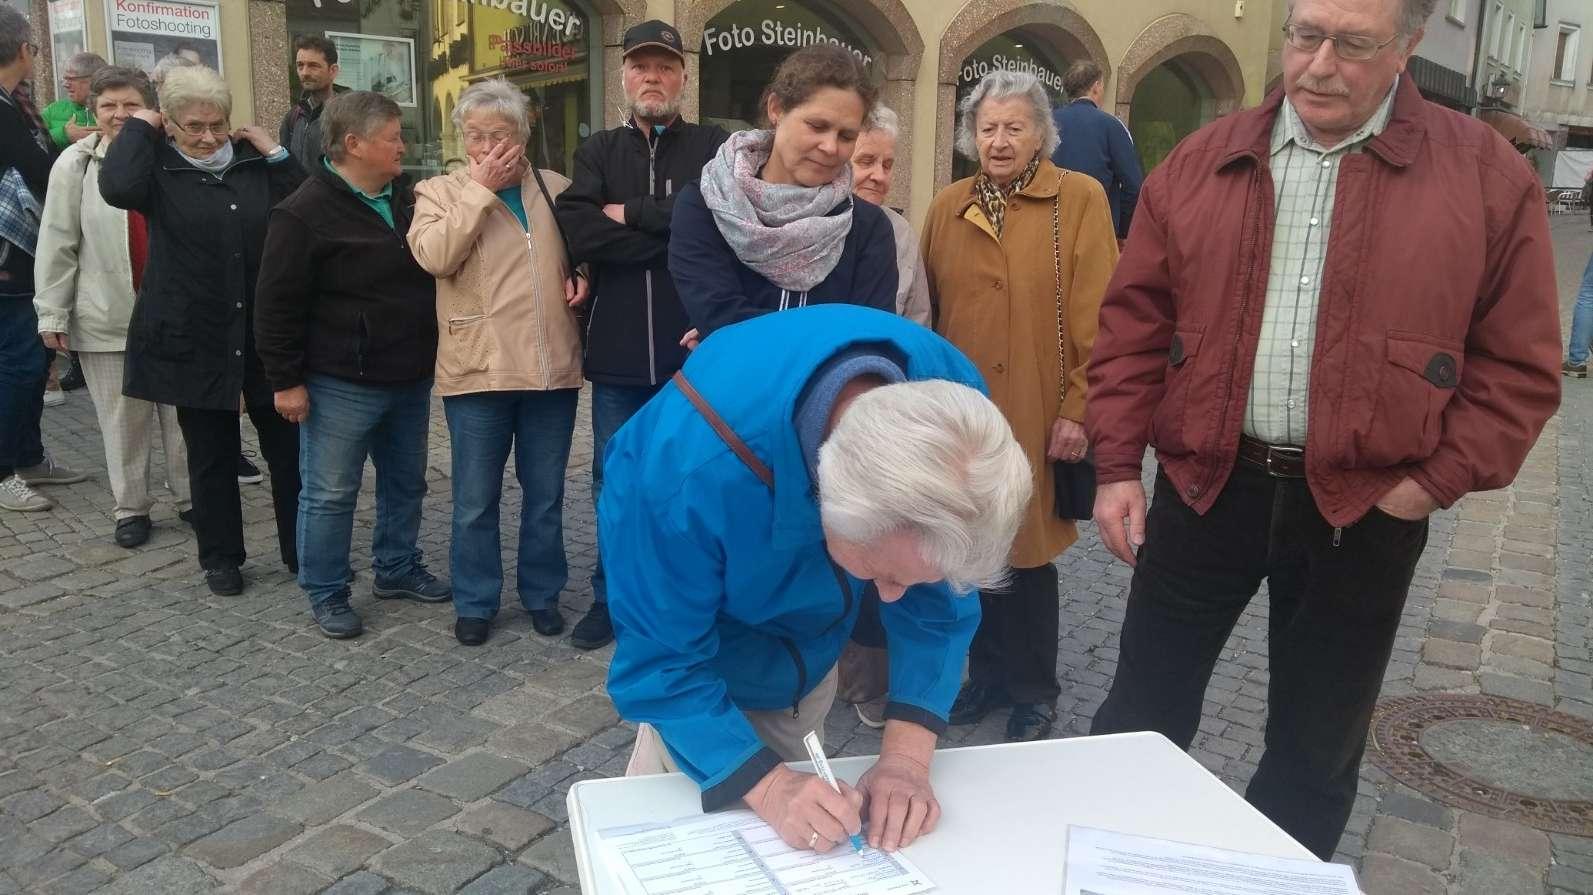 Bürger aus Hersbruck tragen sich in Unterschriftenlisten ein.